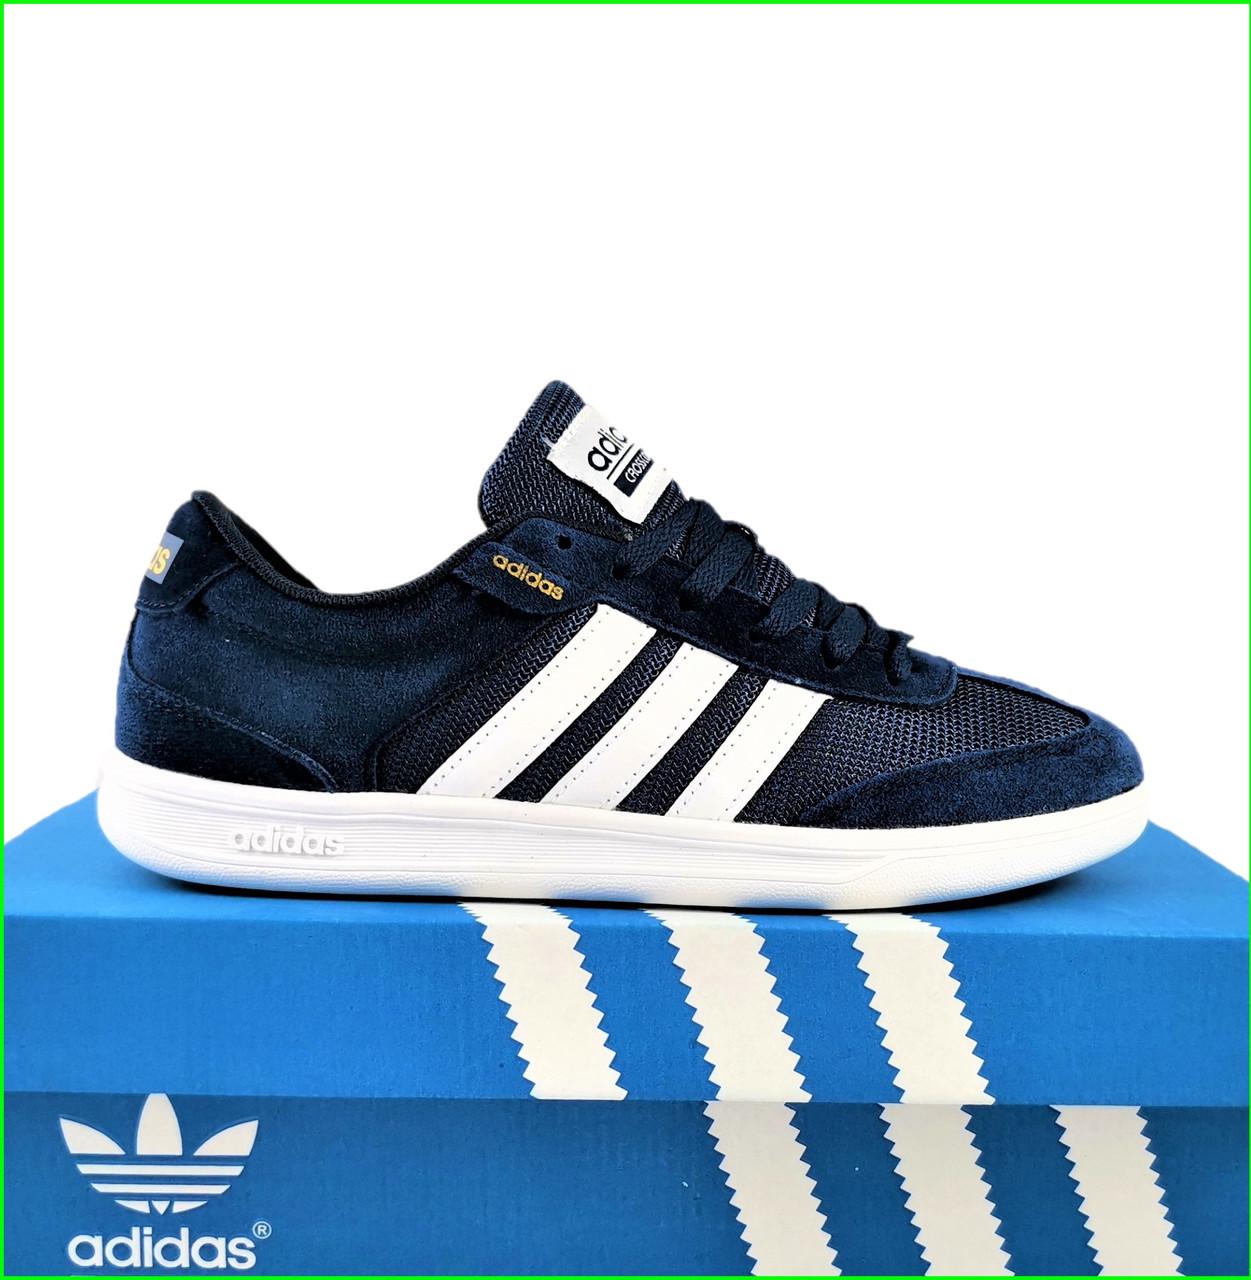 Кроссовки Мужские Adidas Neo Синие Адидас (размеры: 41,43,44,46) Видео Обзор